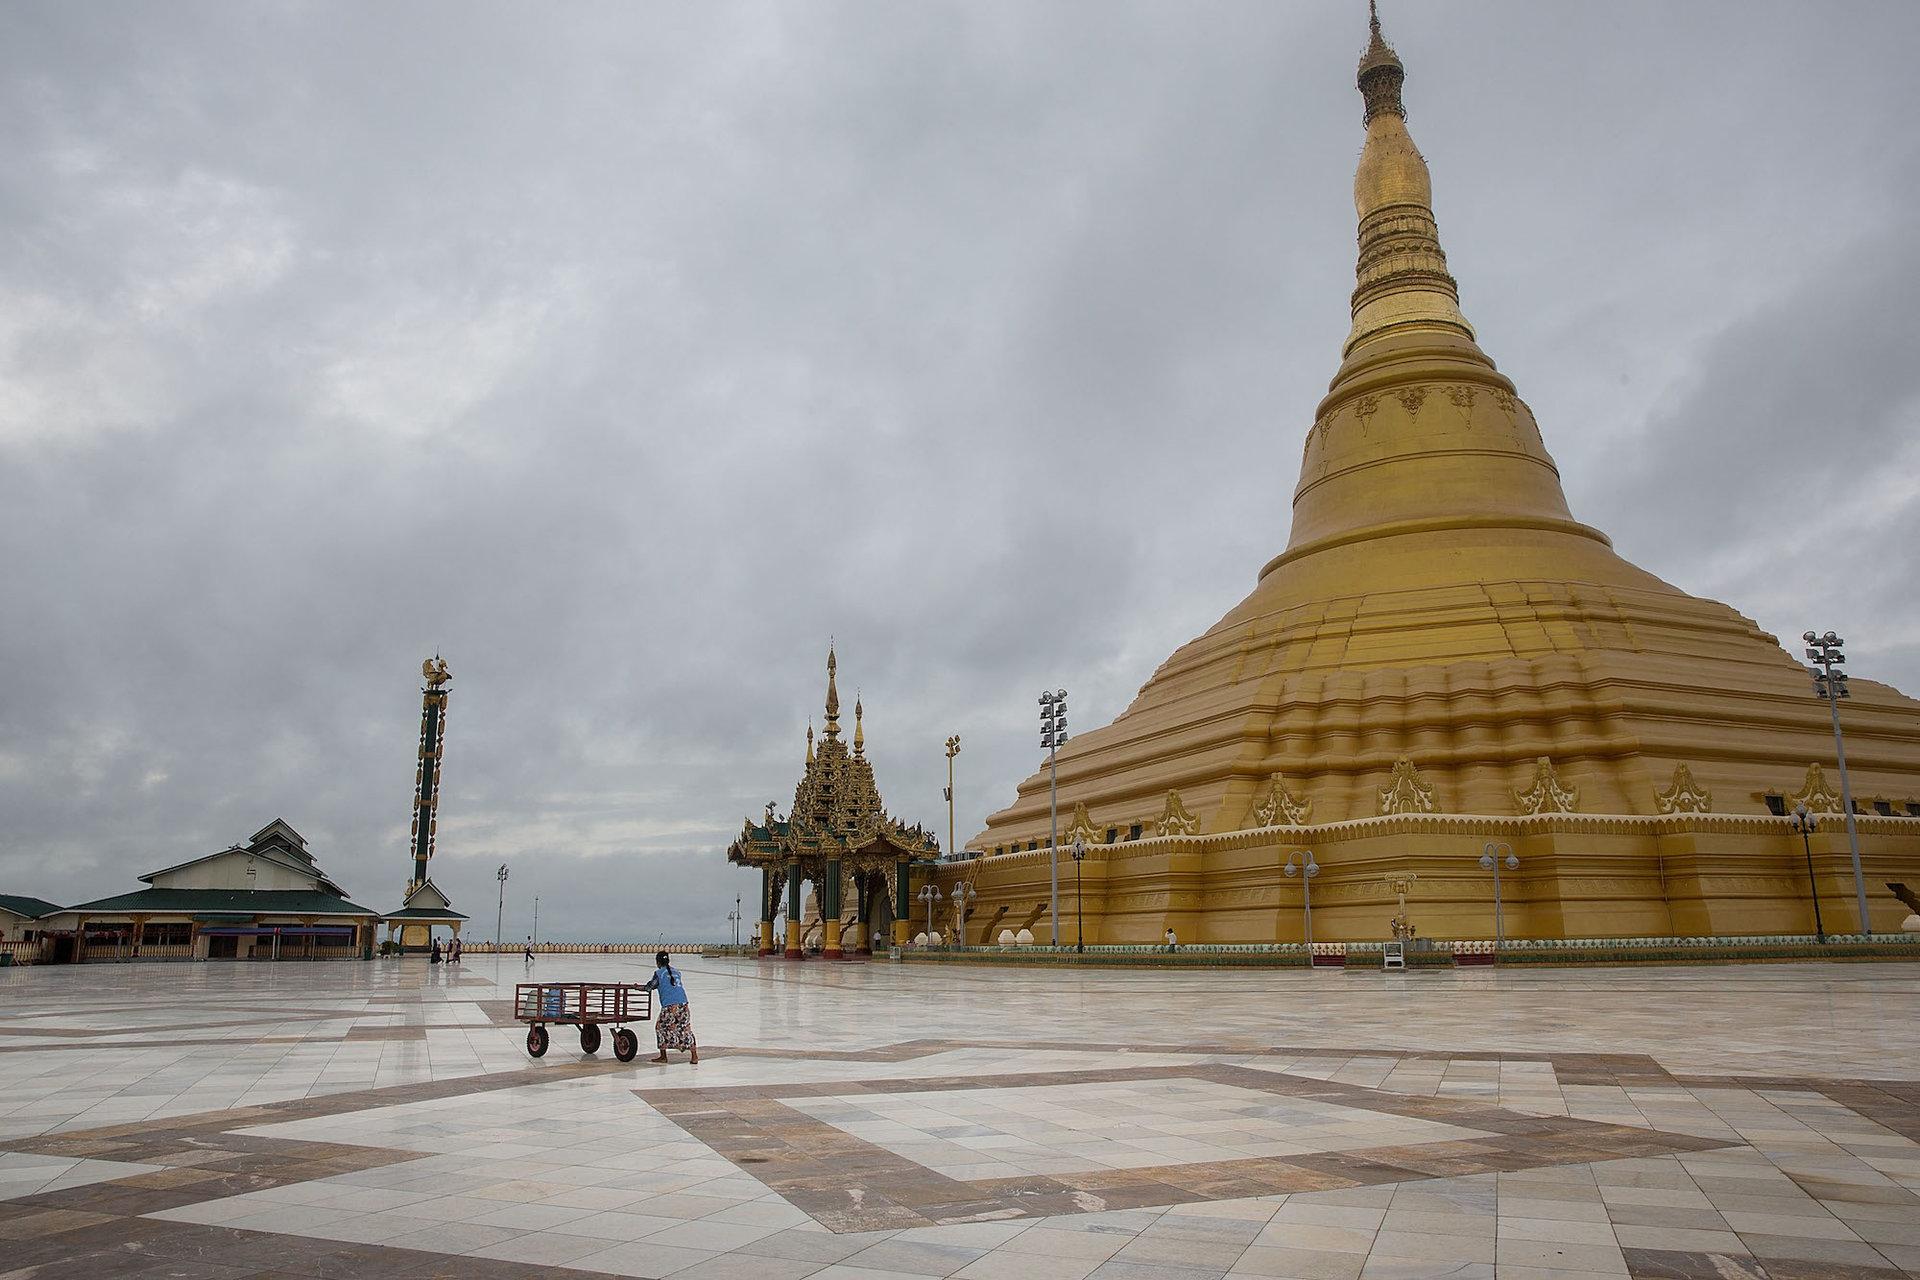 چشم اندازی از معبد Uppatasanti که کاملا خالی از بازدیدکننده است.